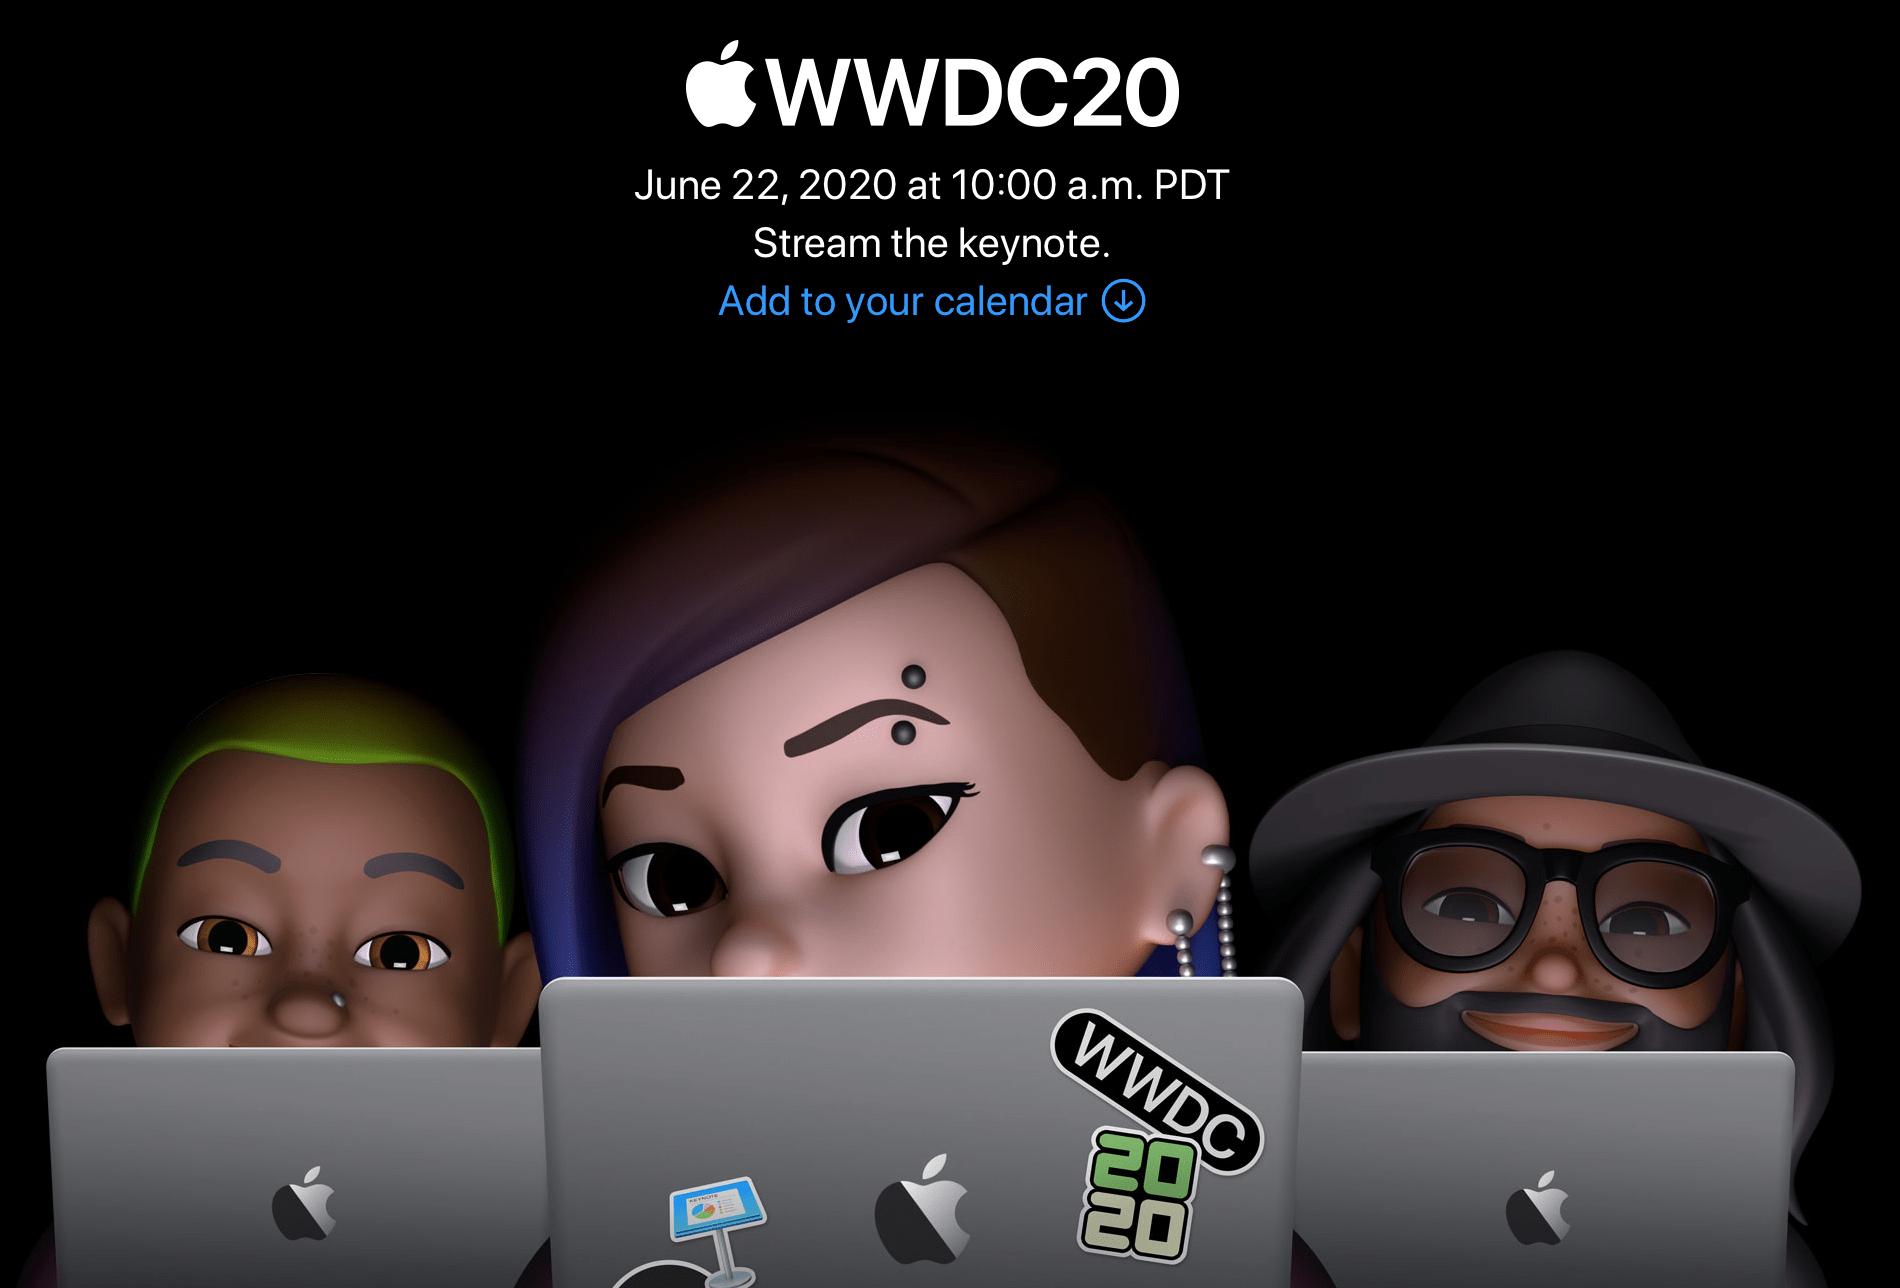 Wwdc 2020 June 22